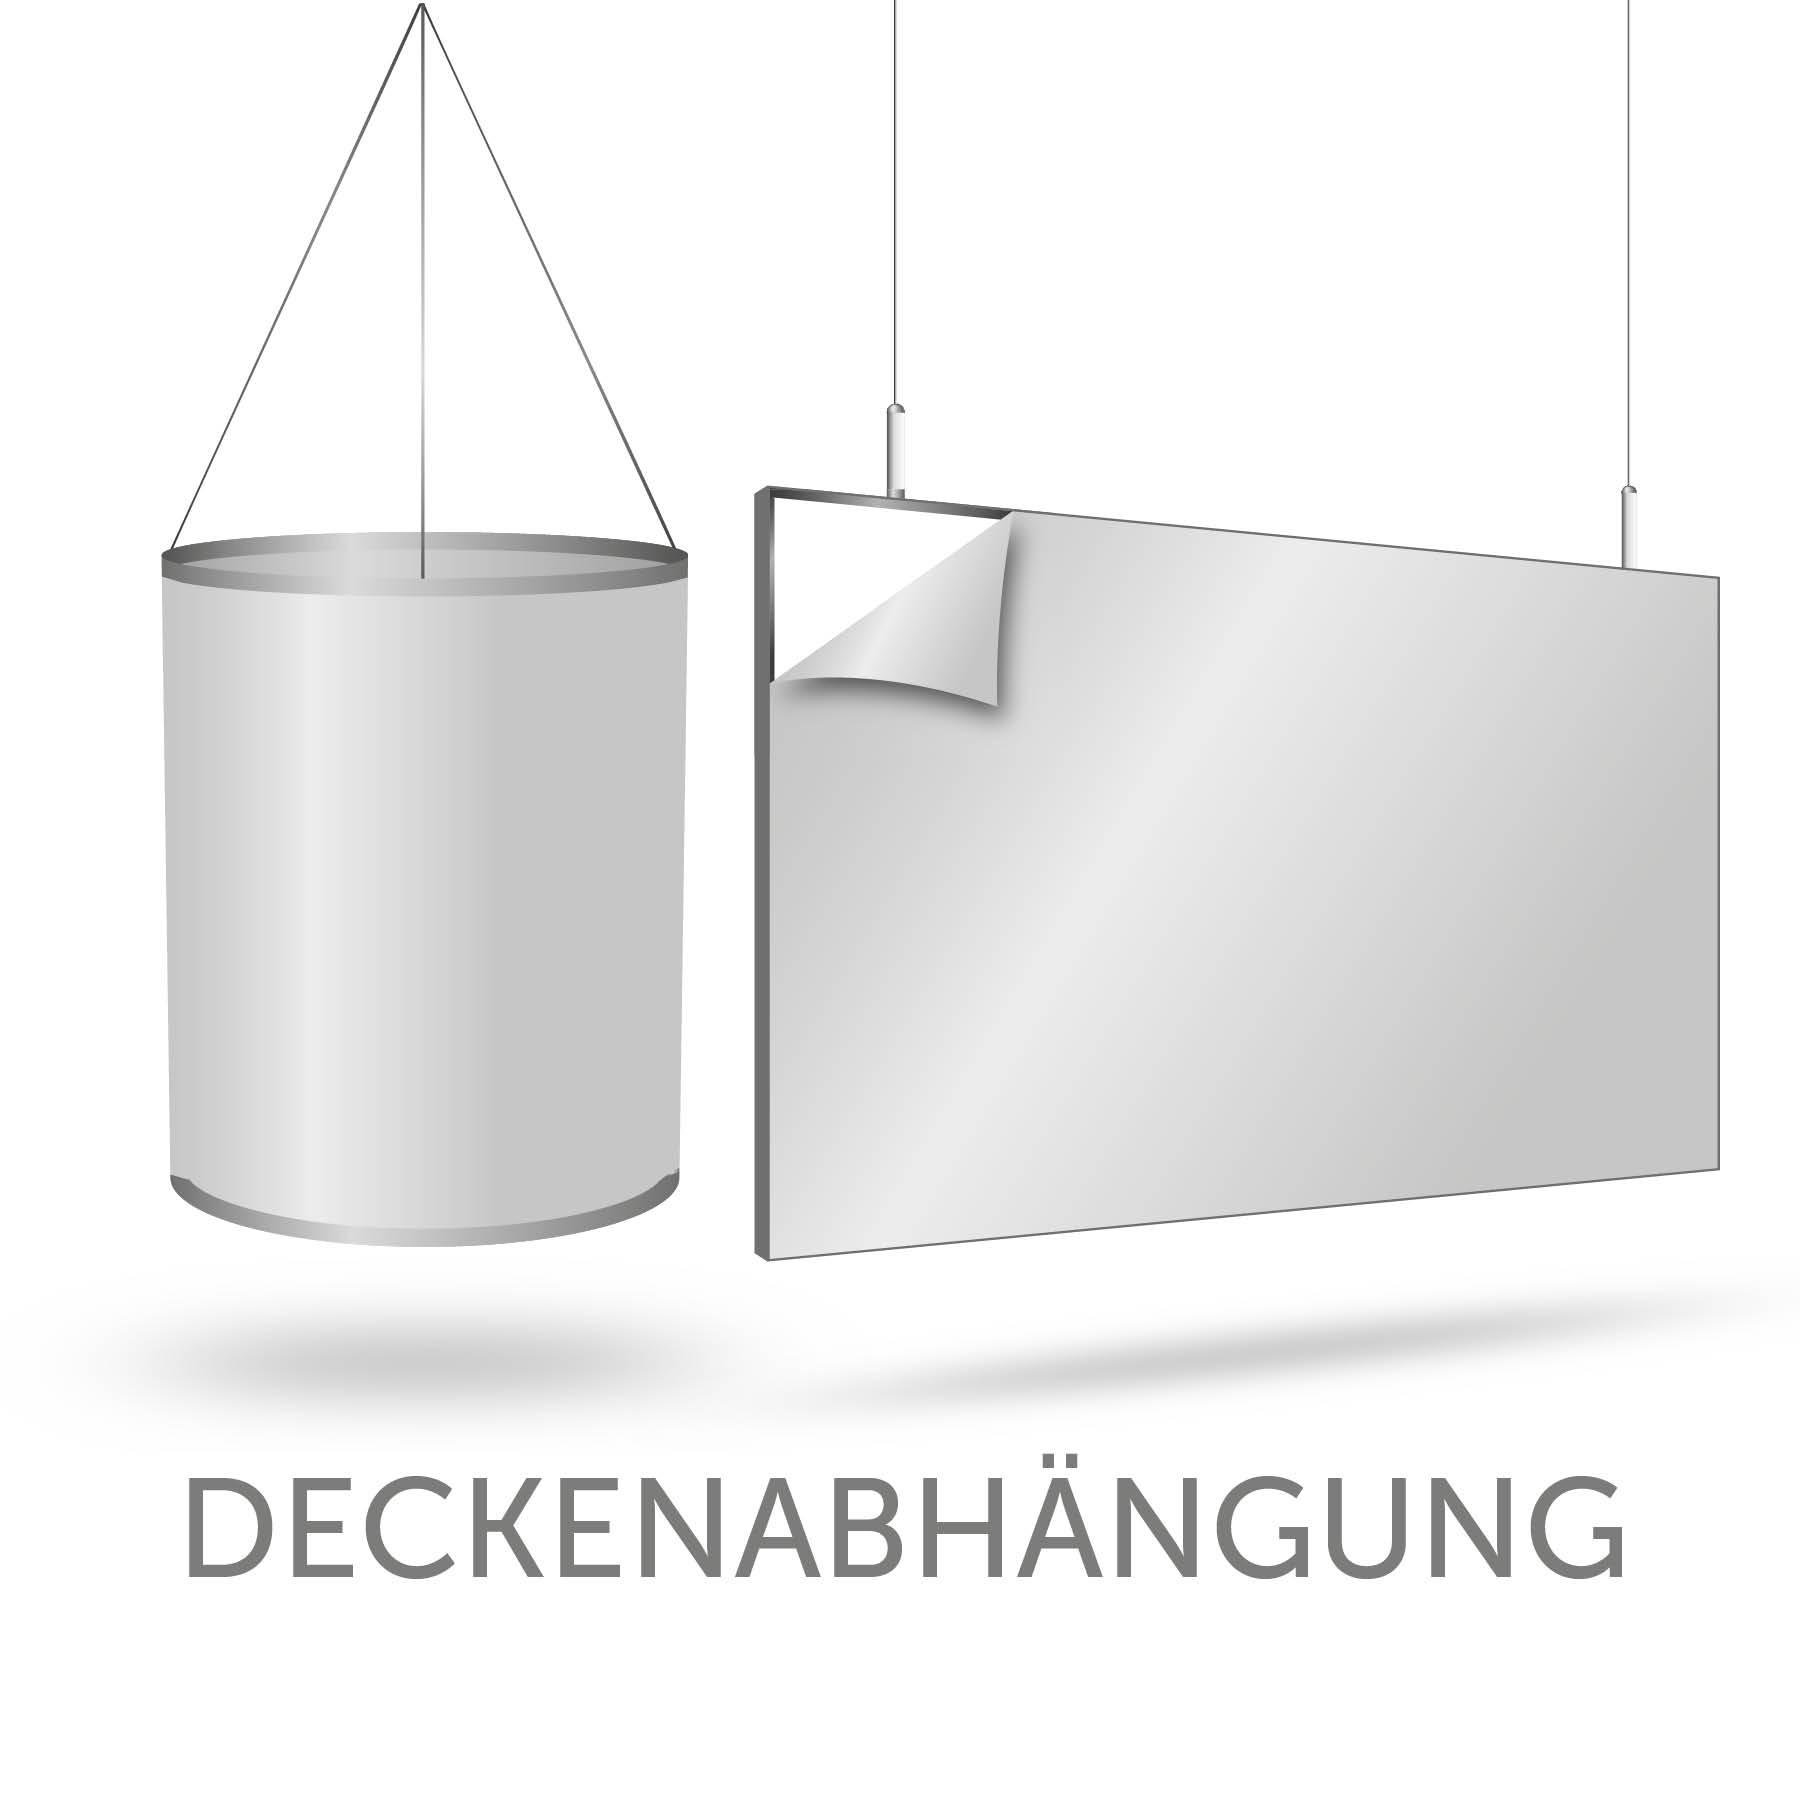 Deckenabhängungen